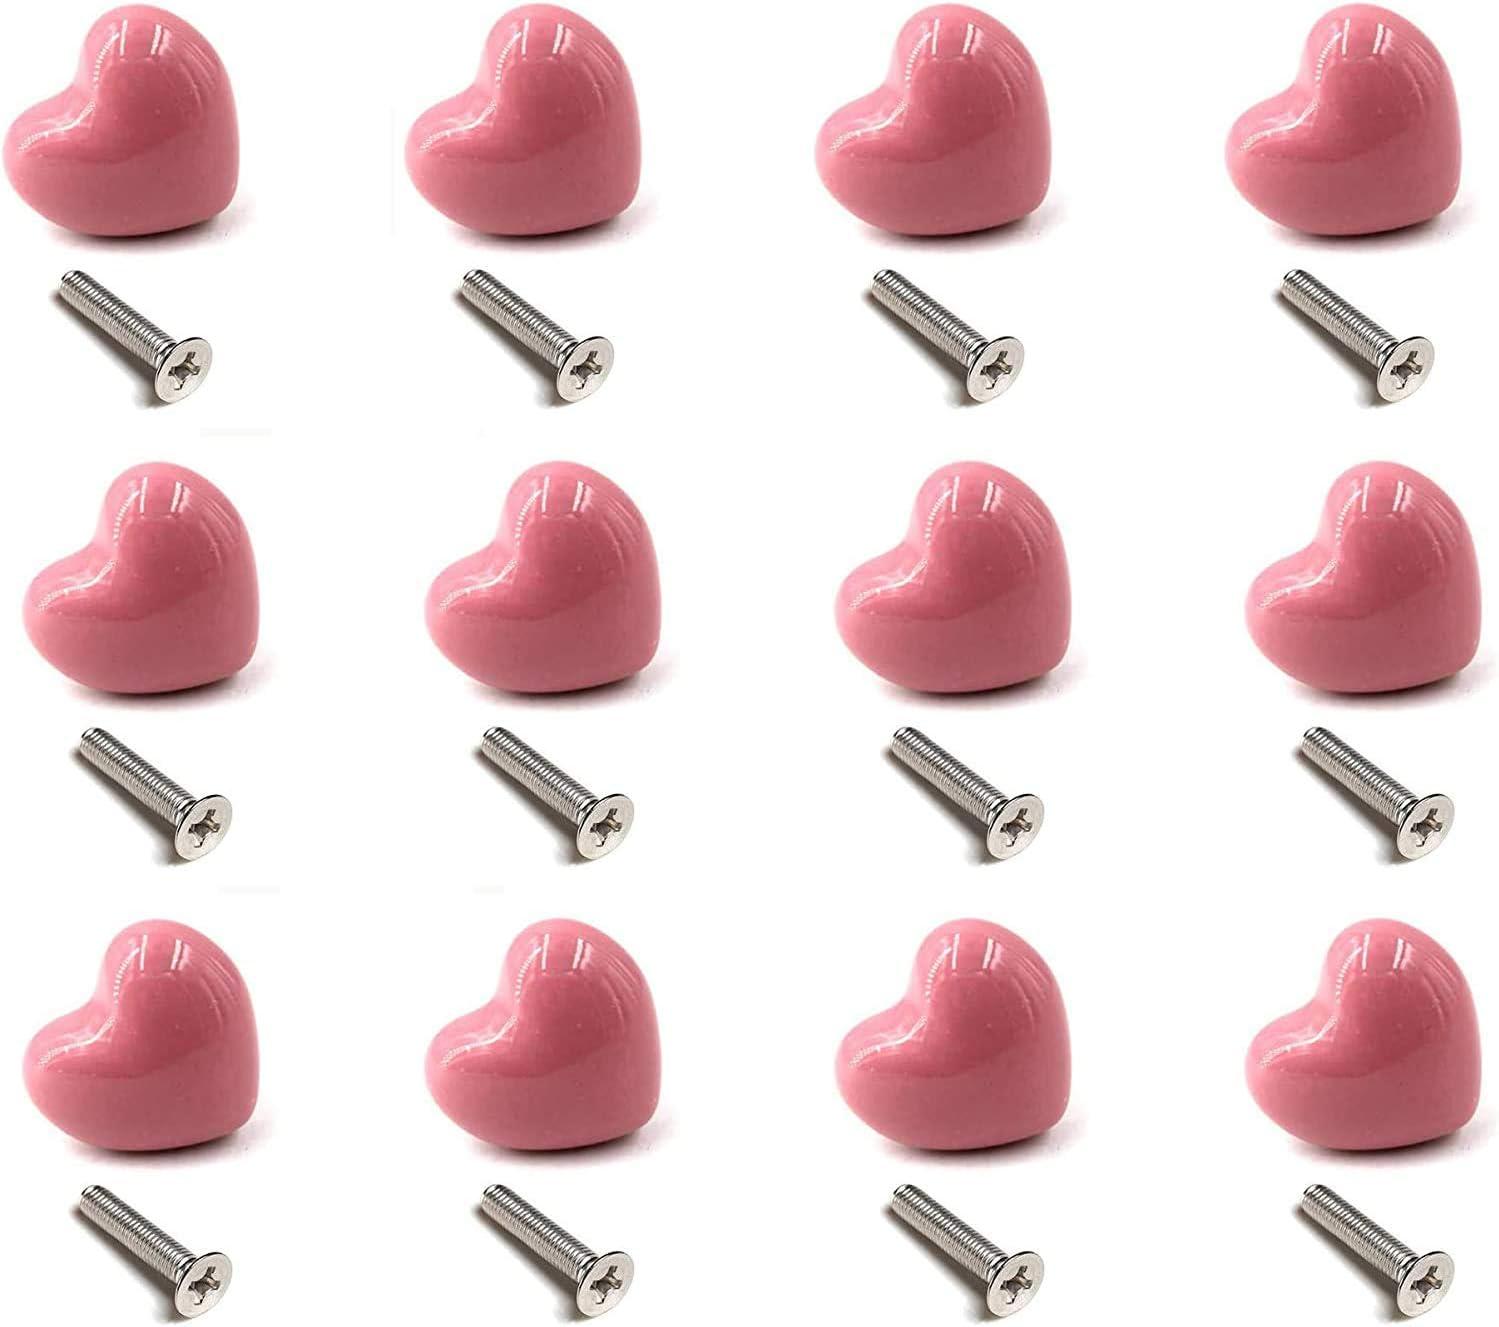 La c/éramique Boutons de Porte Lot de 12 Boutons de Poign/ées Boutons de Meuble de Meuble pour Placards de Cuisine Blanc